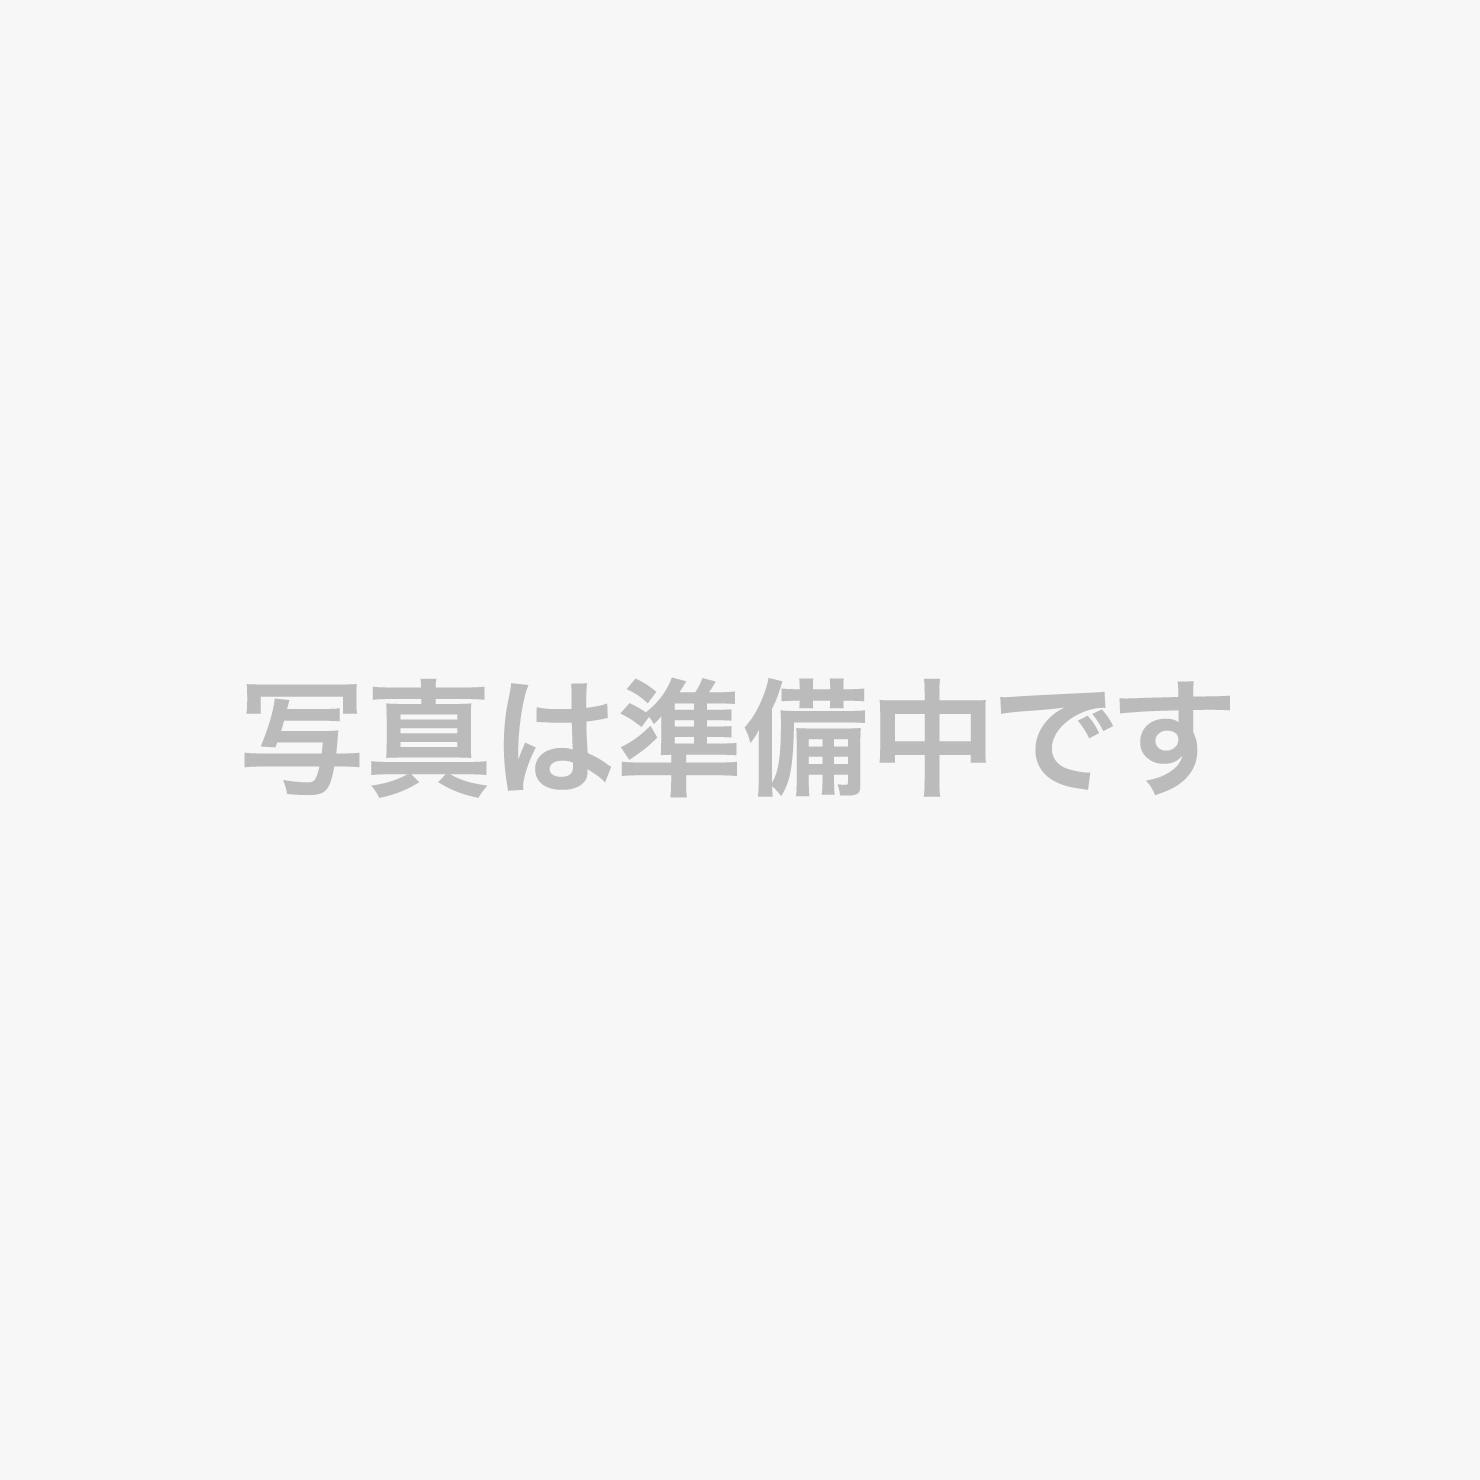 【エグゼクティブハウス 禅】スイート内バスルーム(一例)